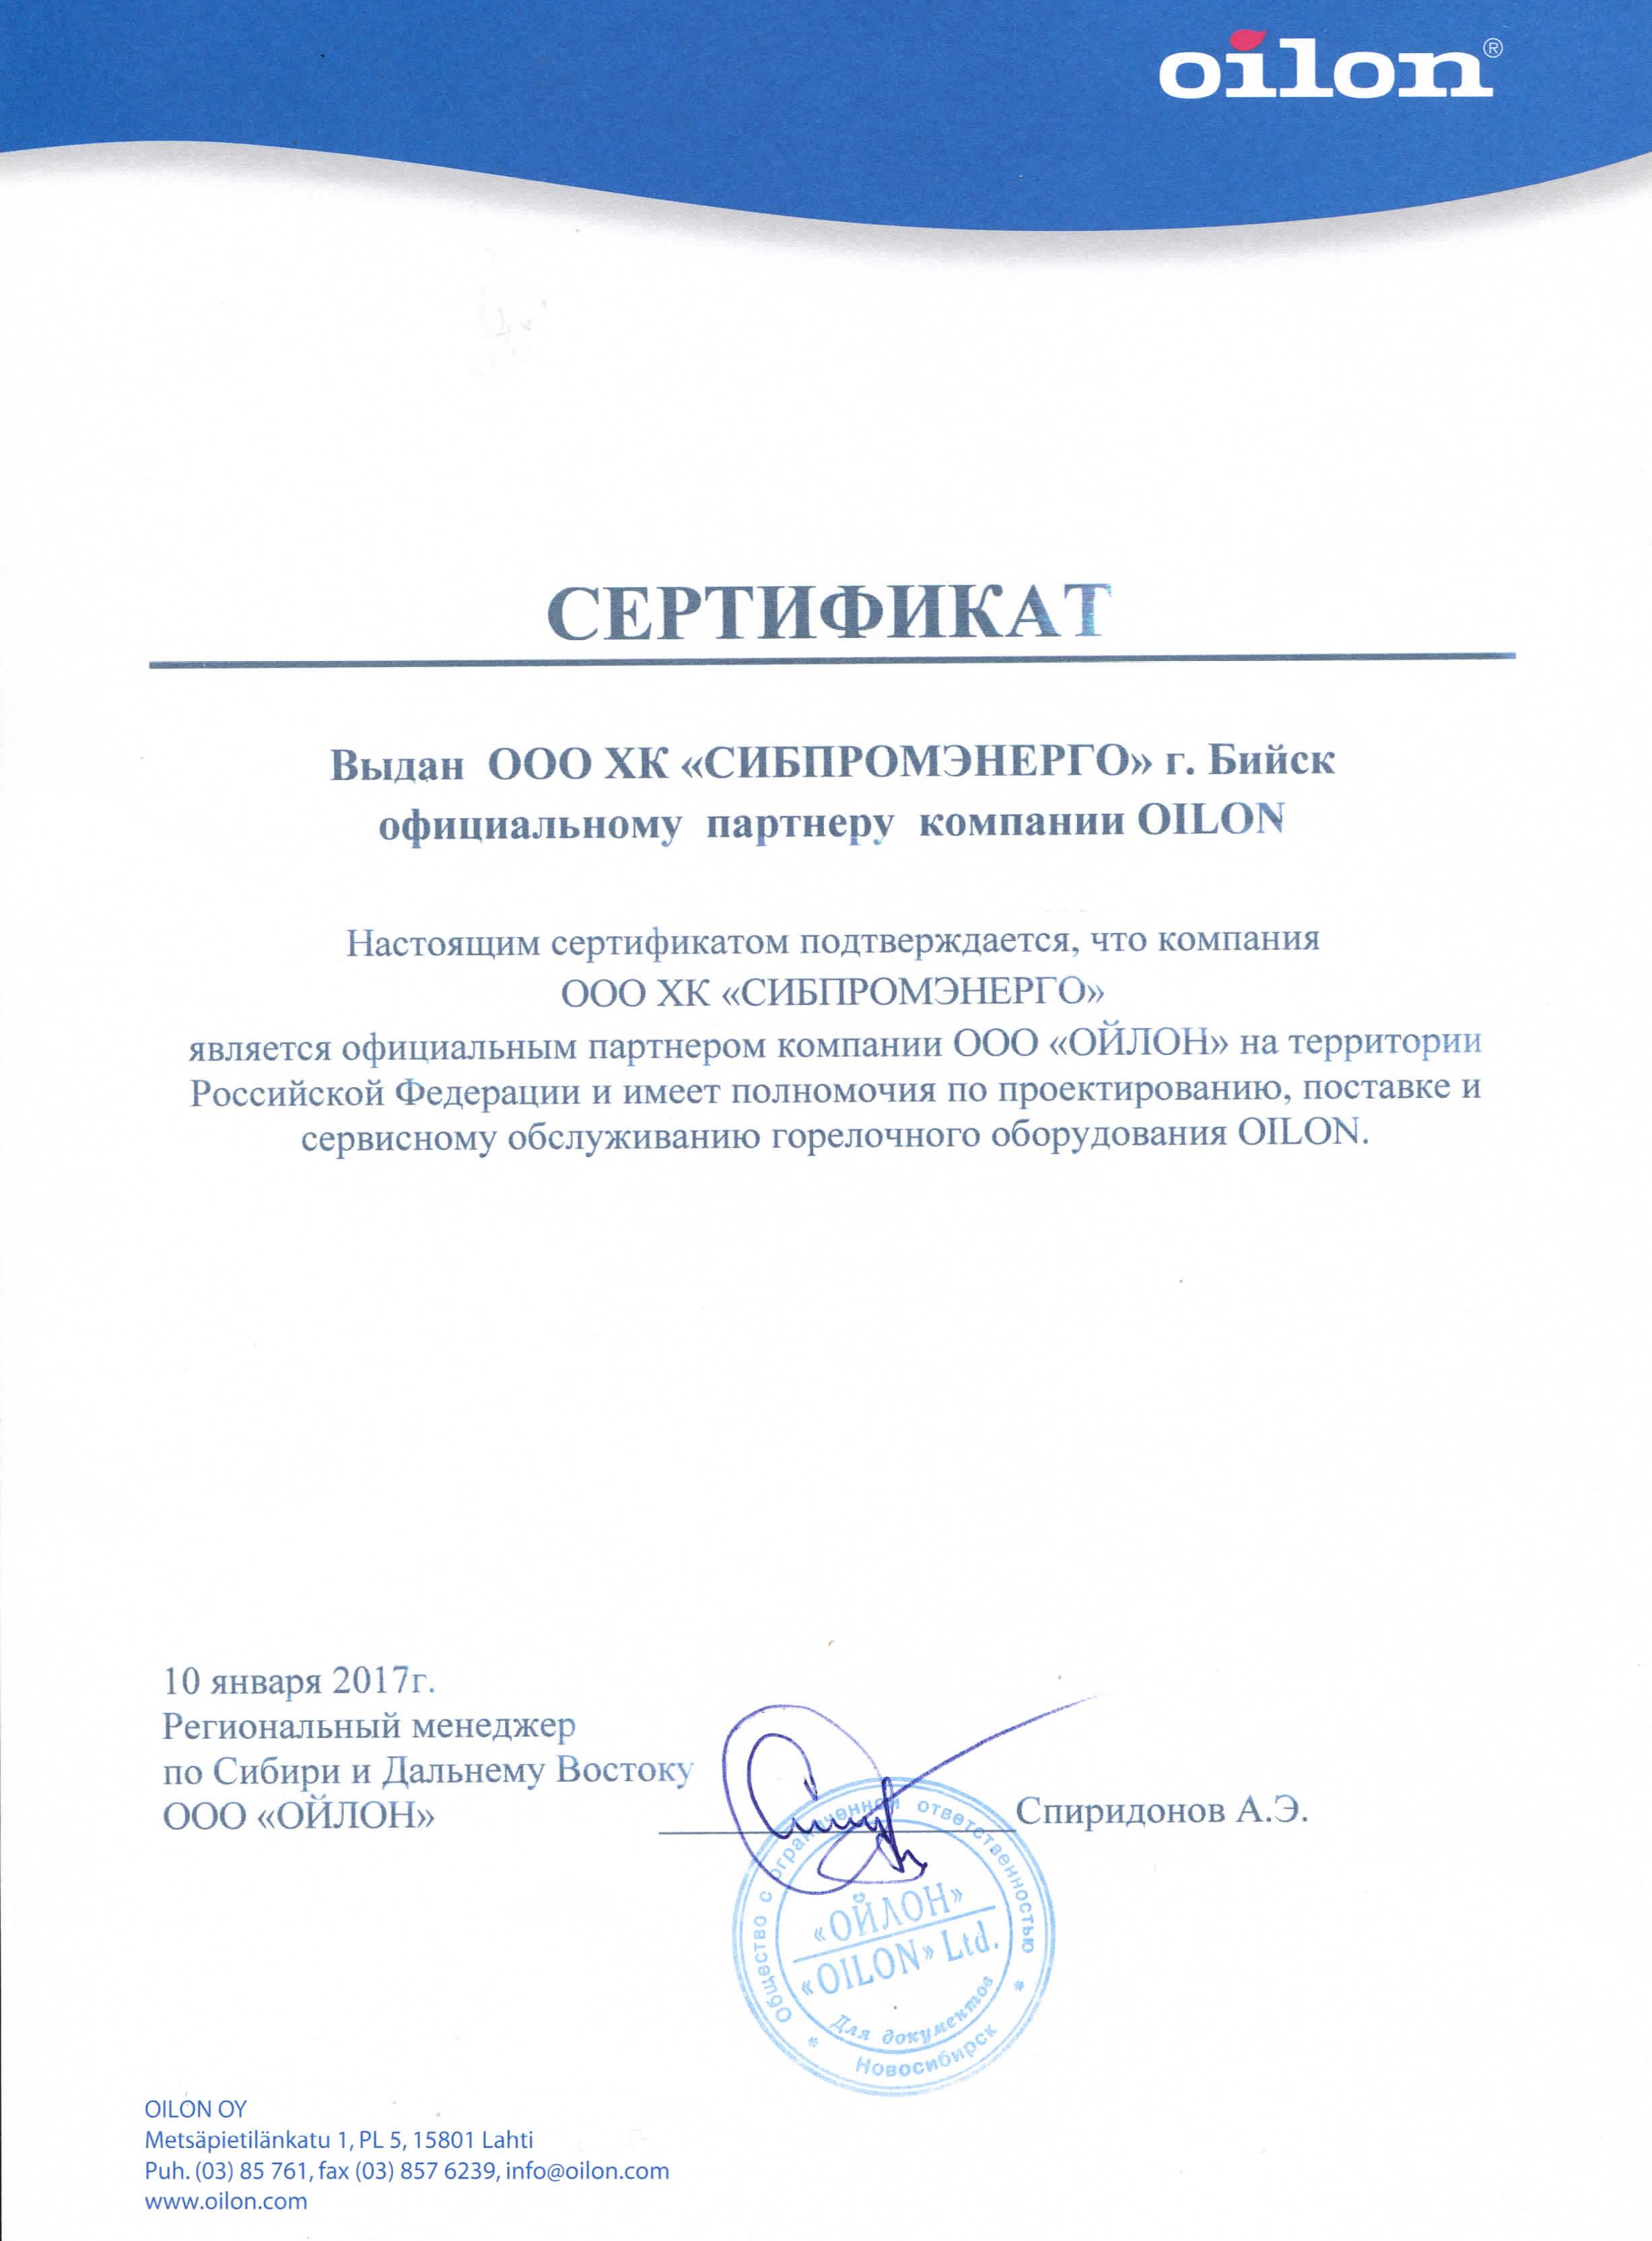 Сертификат официального партнера компании OILON